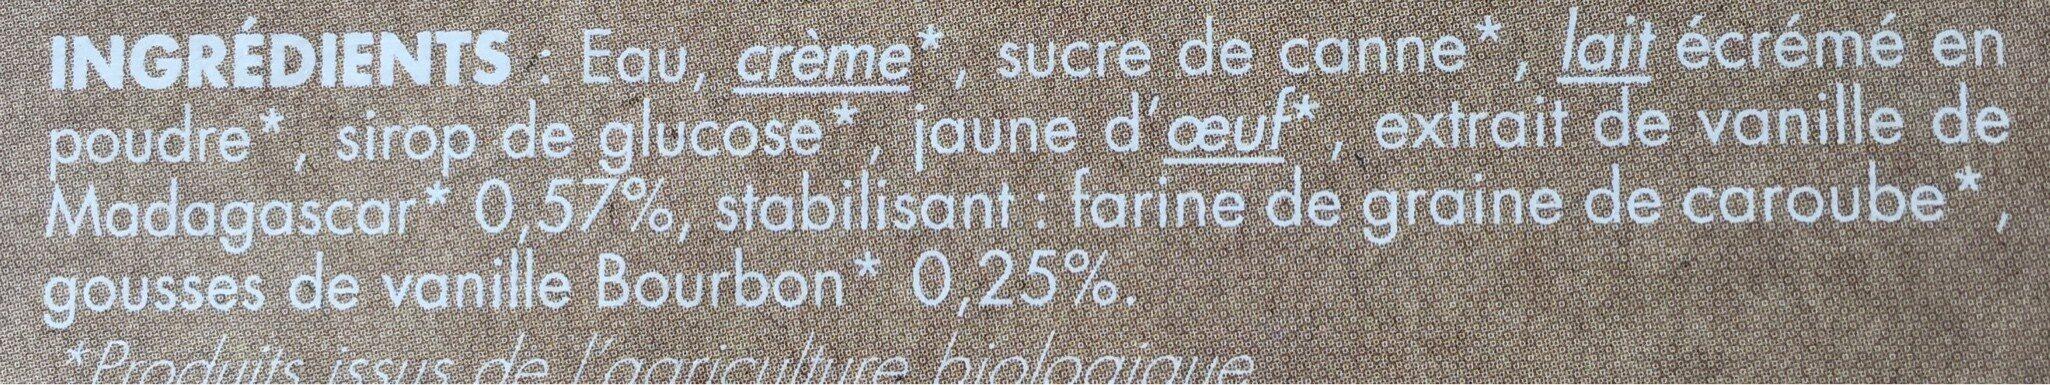 Glace vanille de madagascar Dahu - Ingrédients - fr